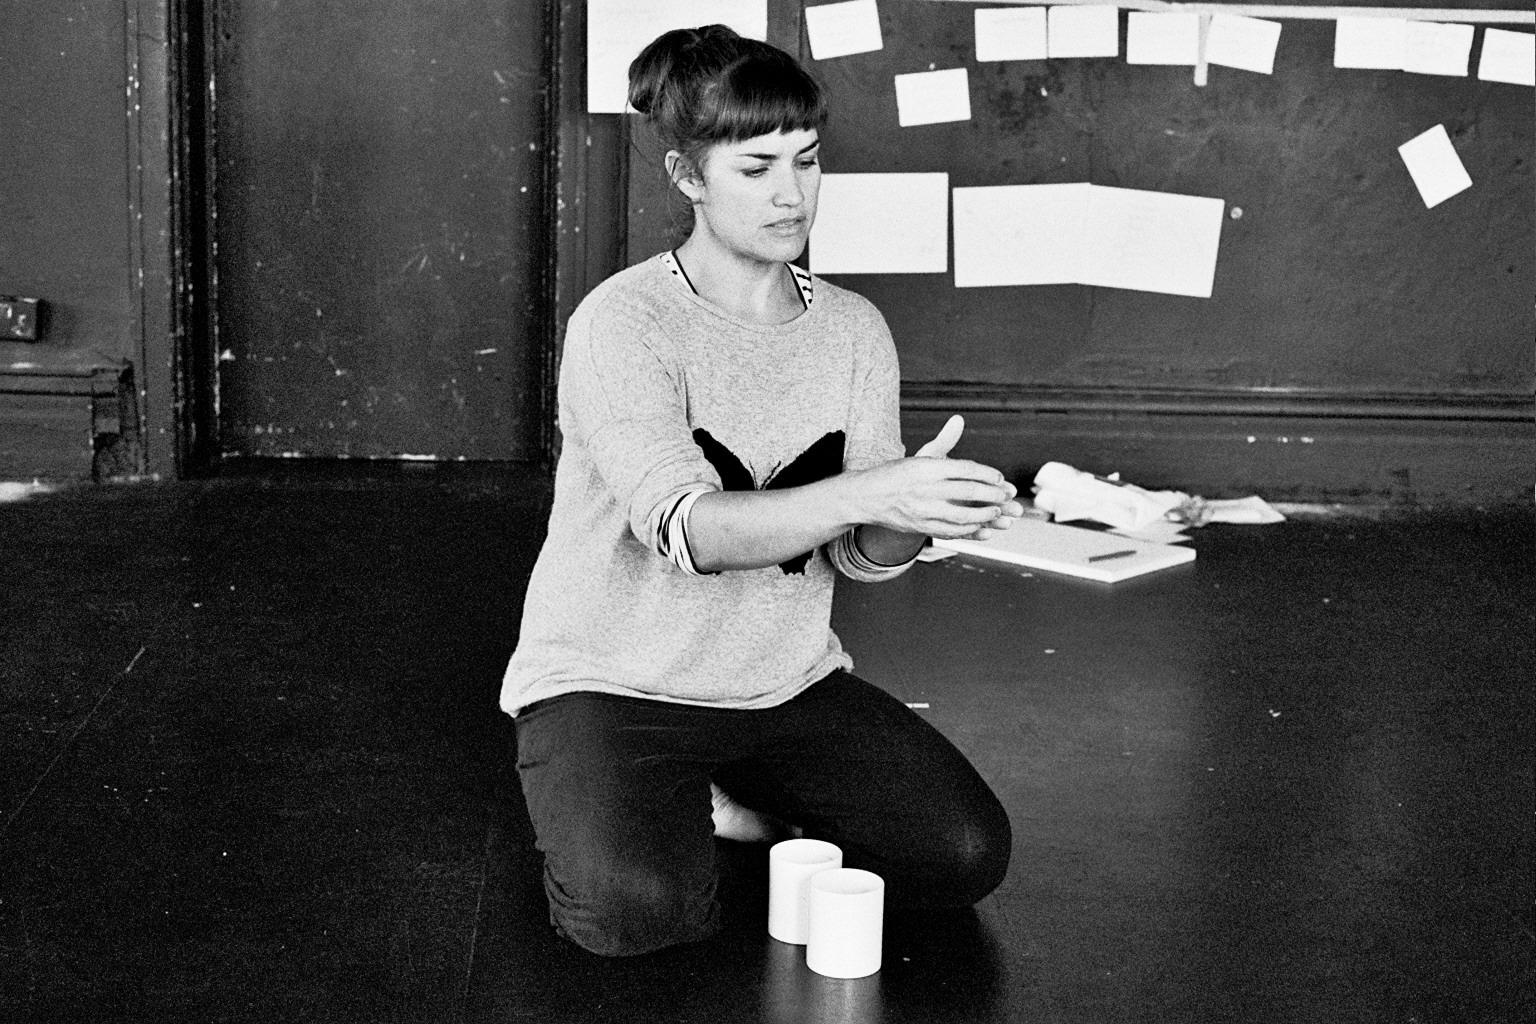 Rachel in rehearsals, photo by Greg Allum